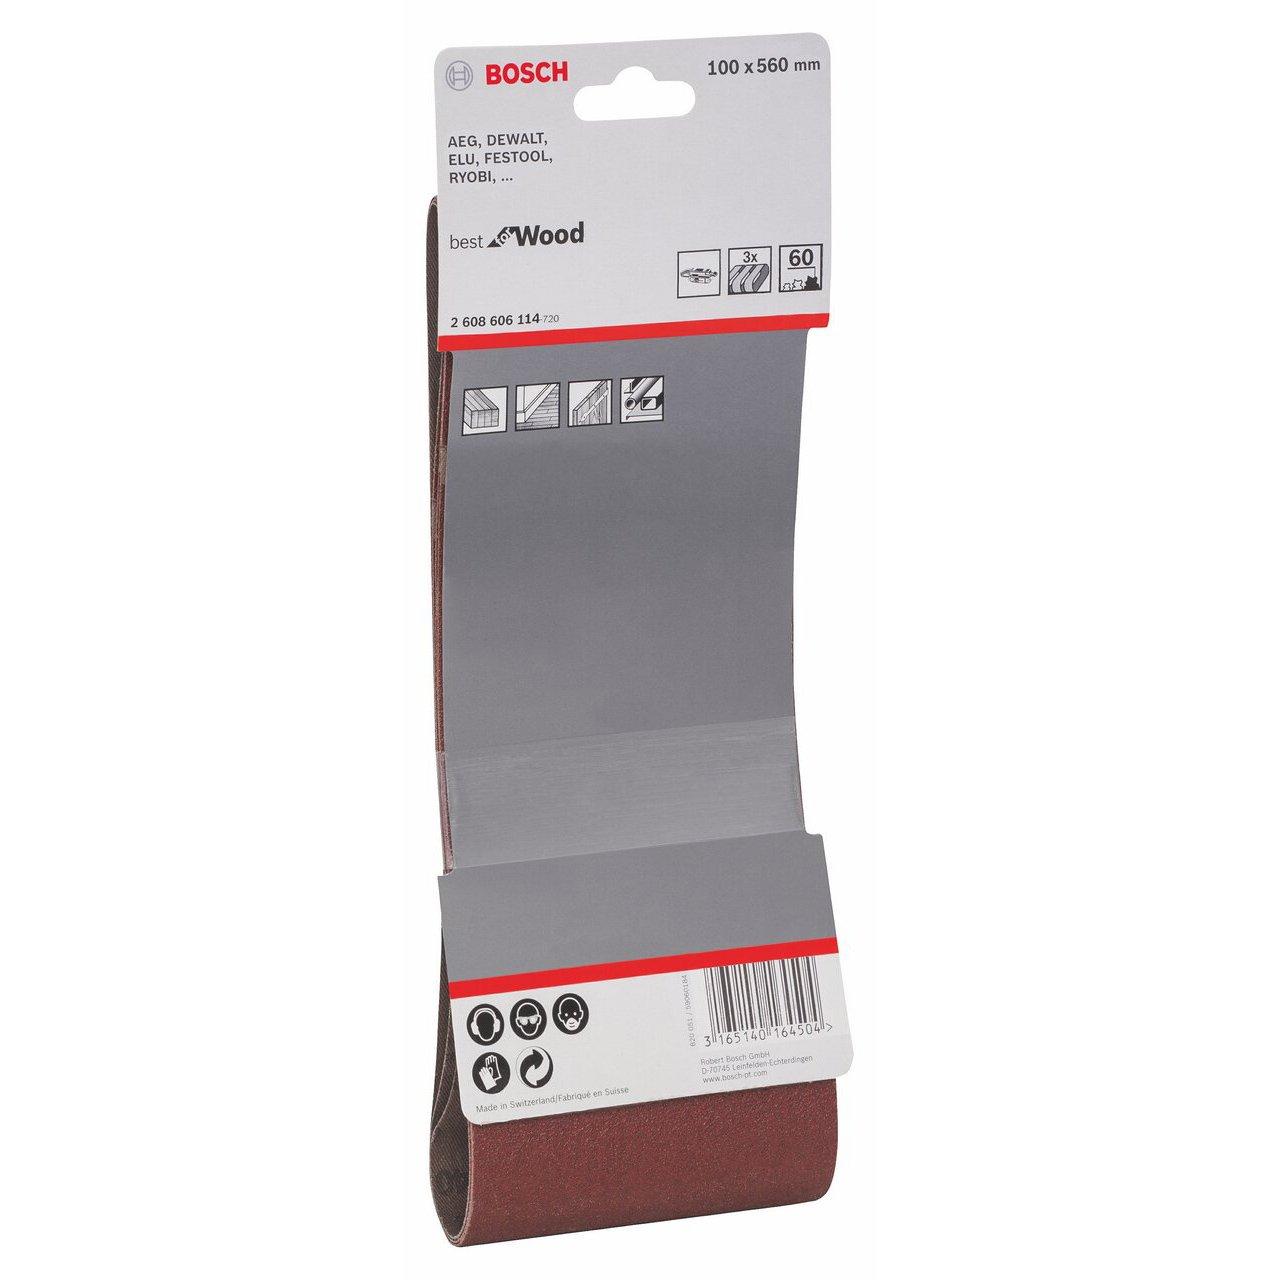 Set de 3 bandas lijadoras 100 x 560 mm, 60 Bosch 2 608 606 114